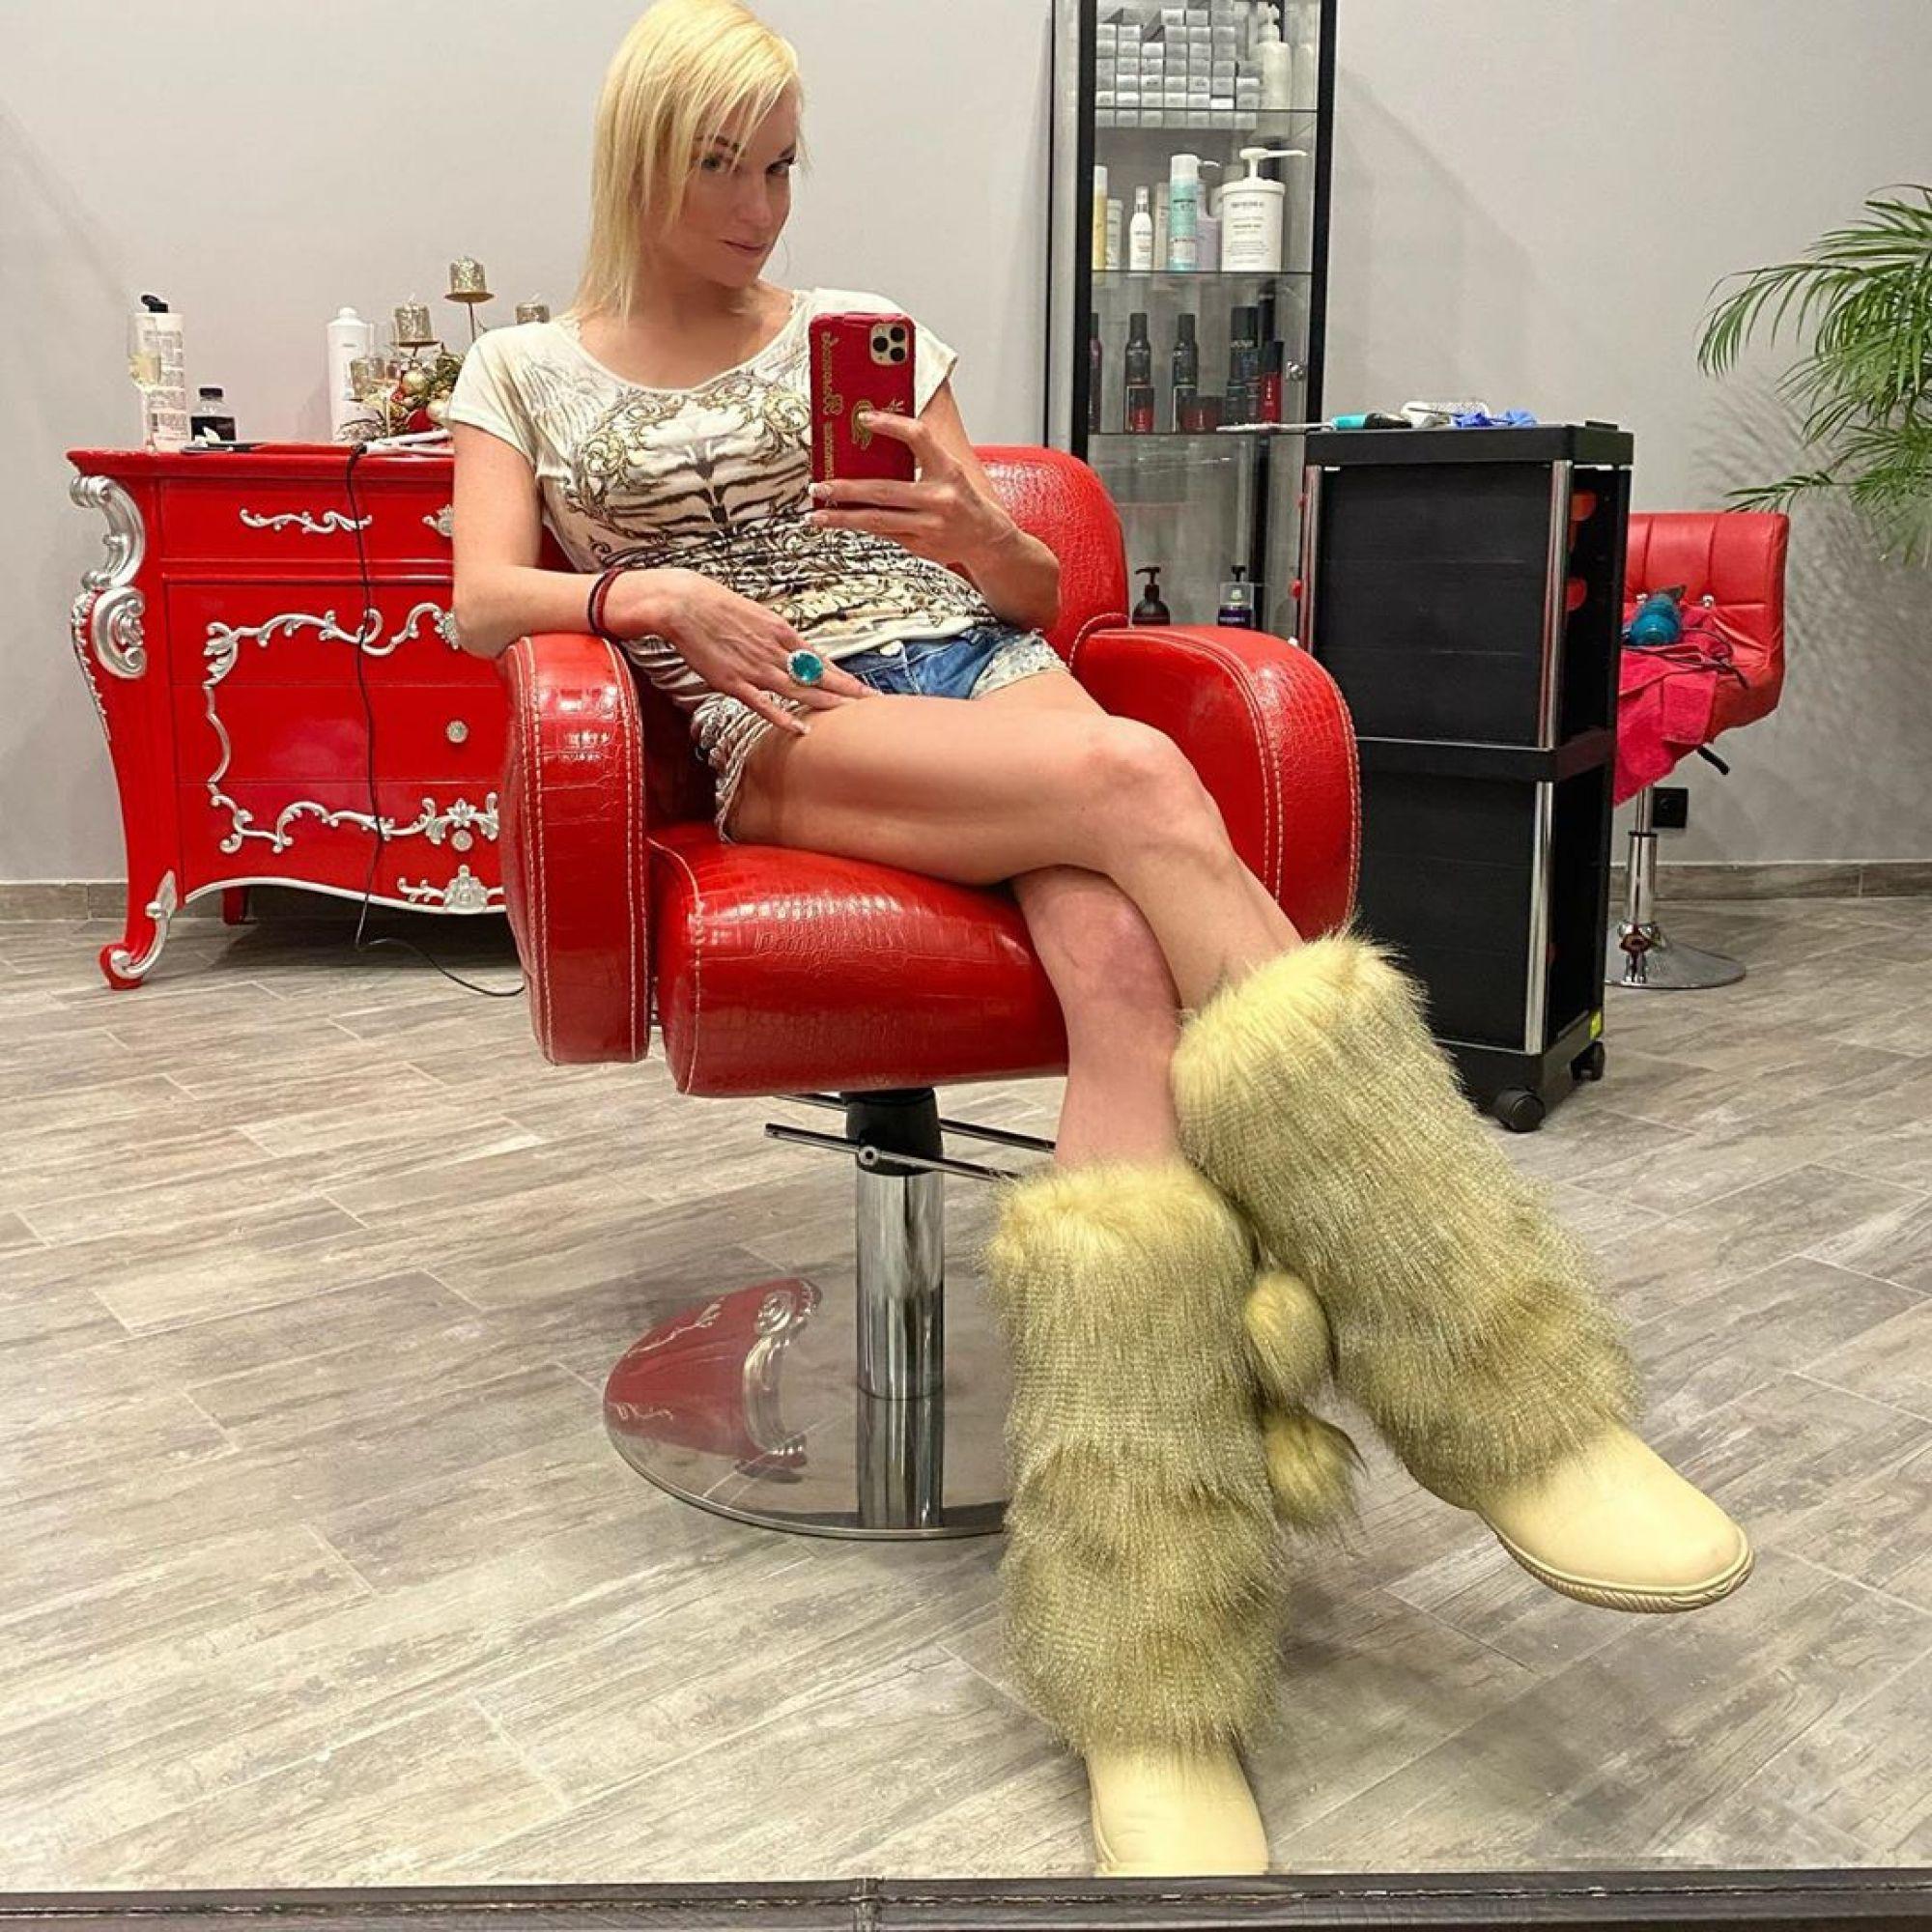 Анастасия Волочкова удивила поклонников длинными волосами